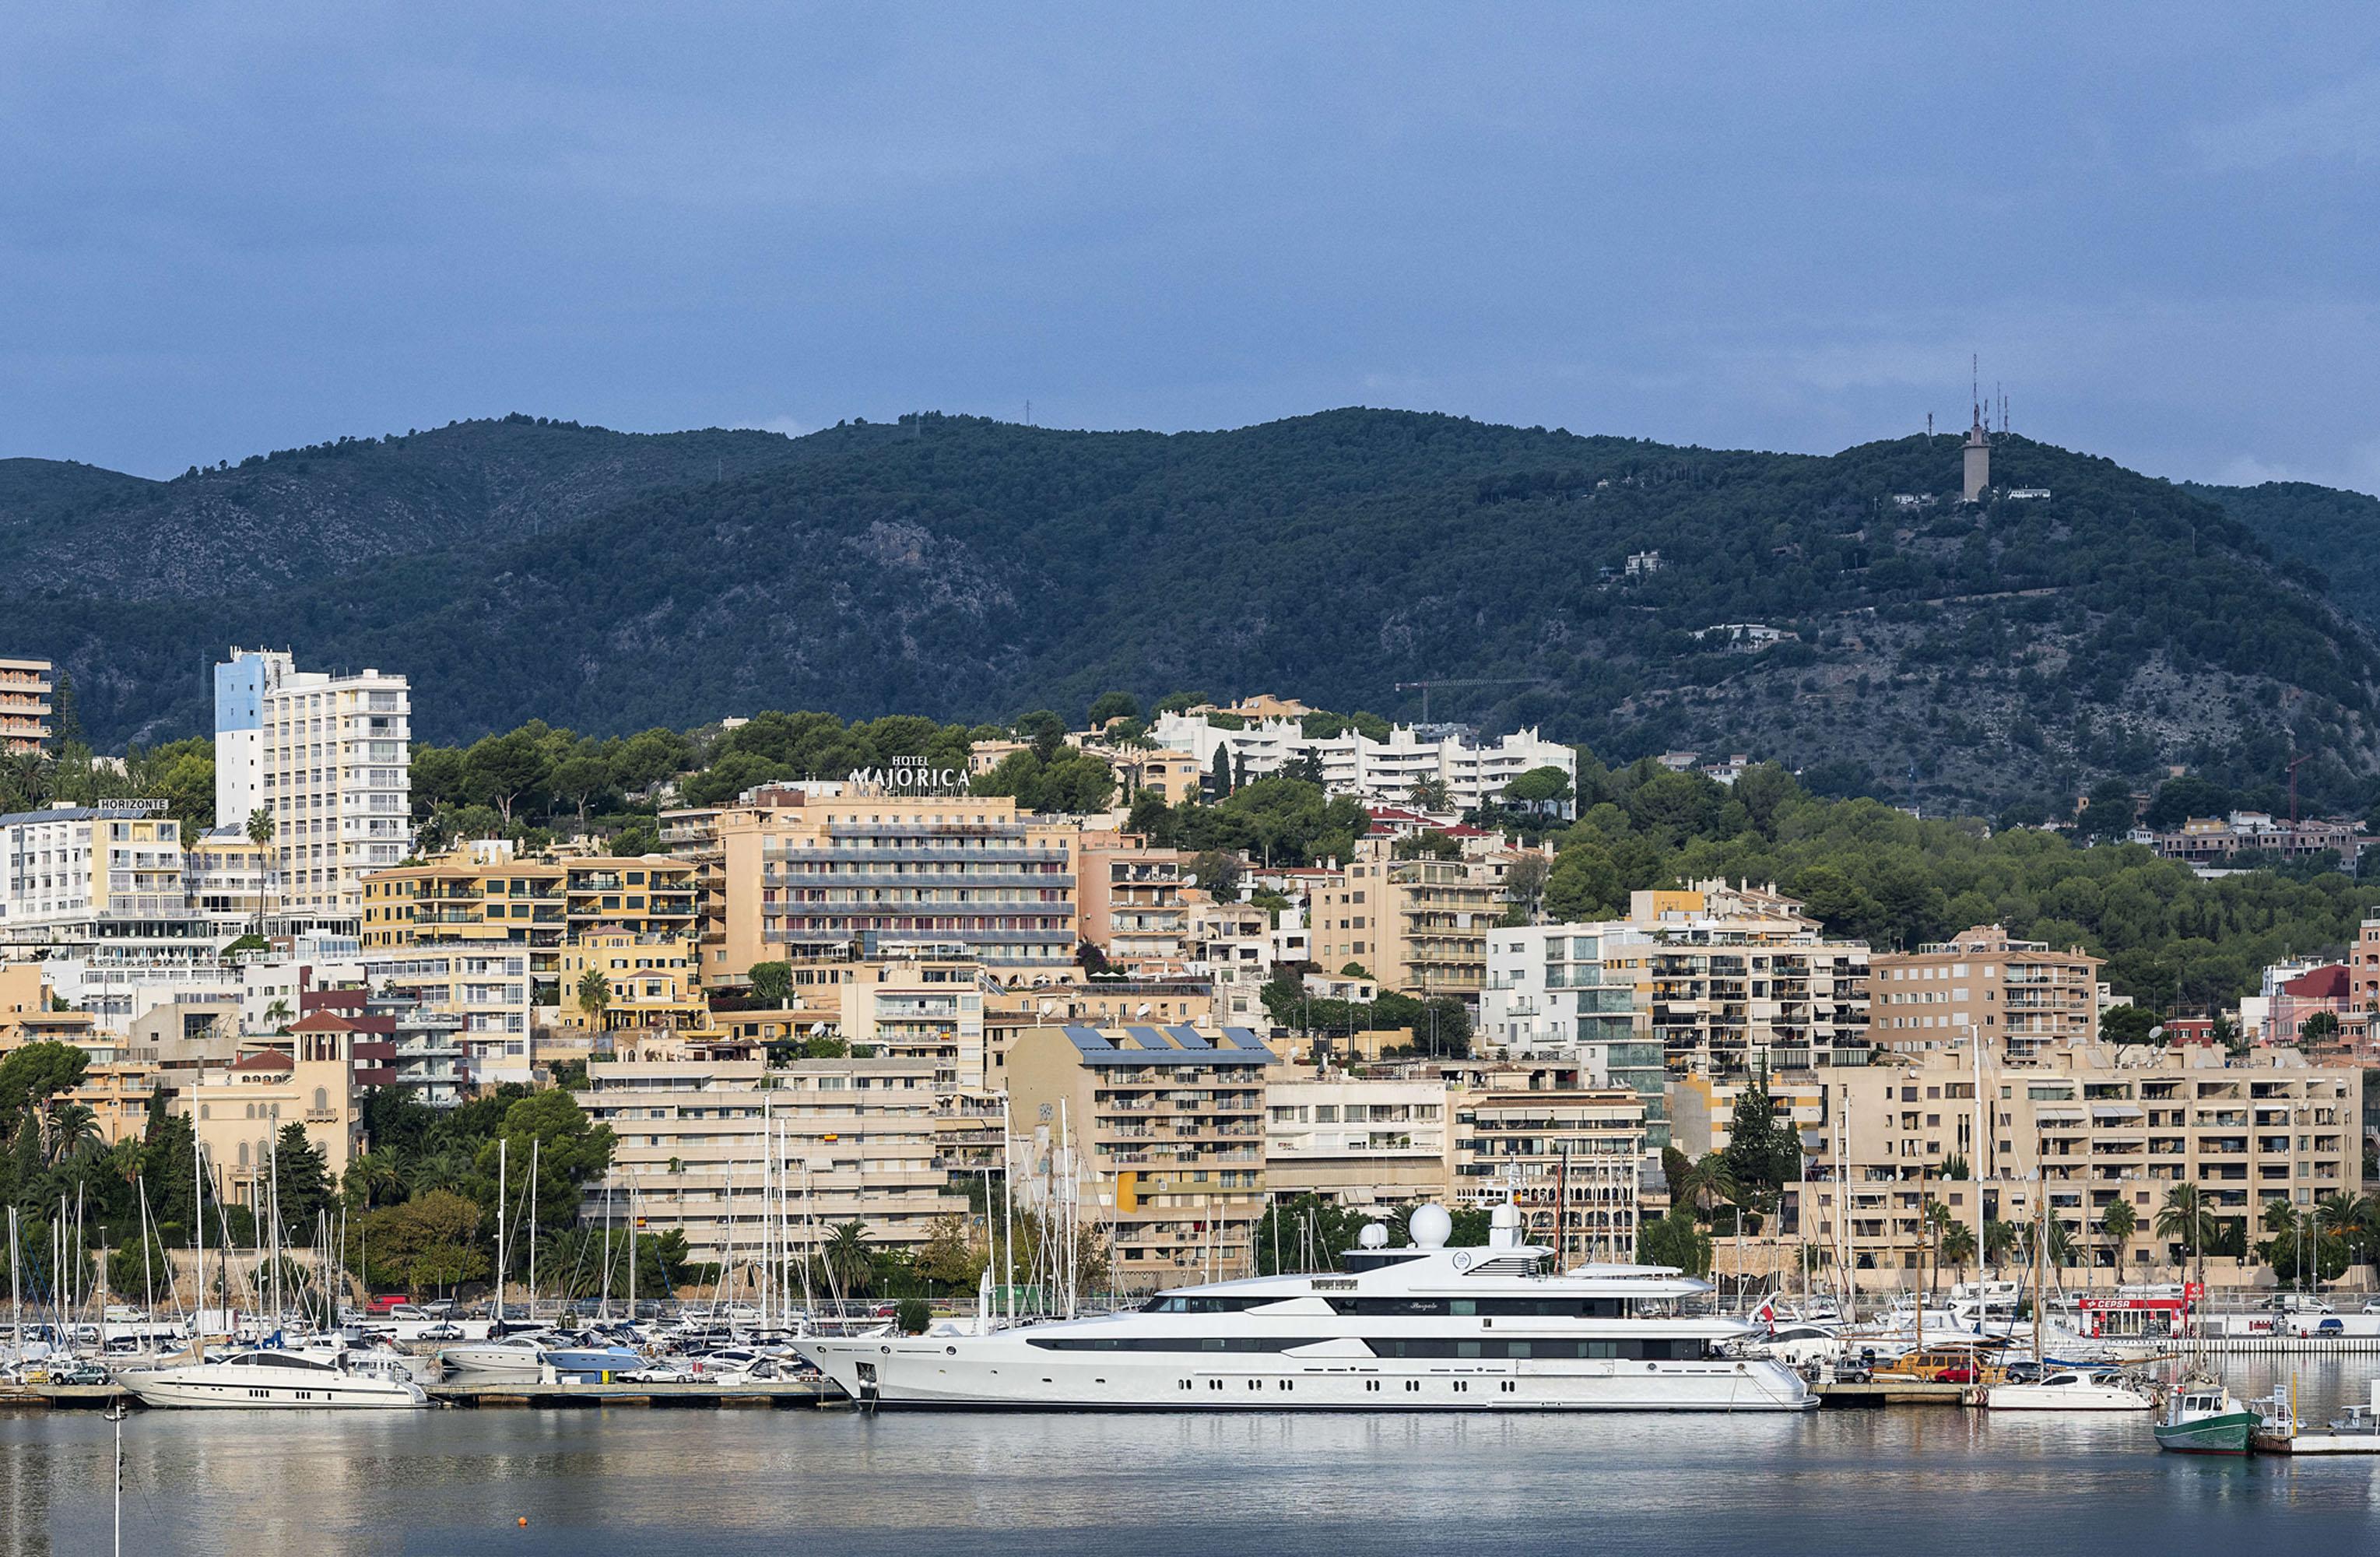 Jachty zacumowane w Palma na Majorce.